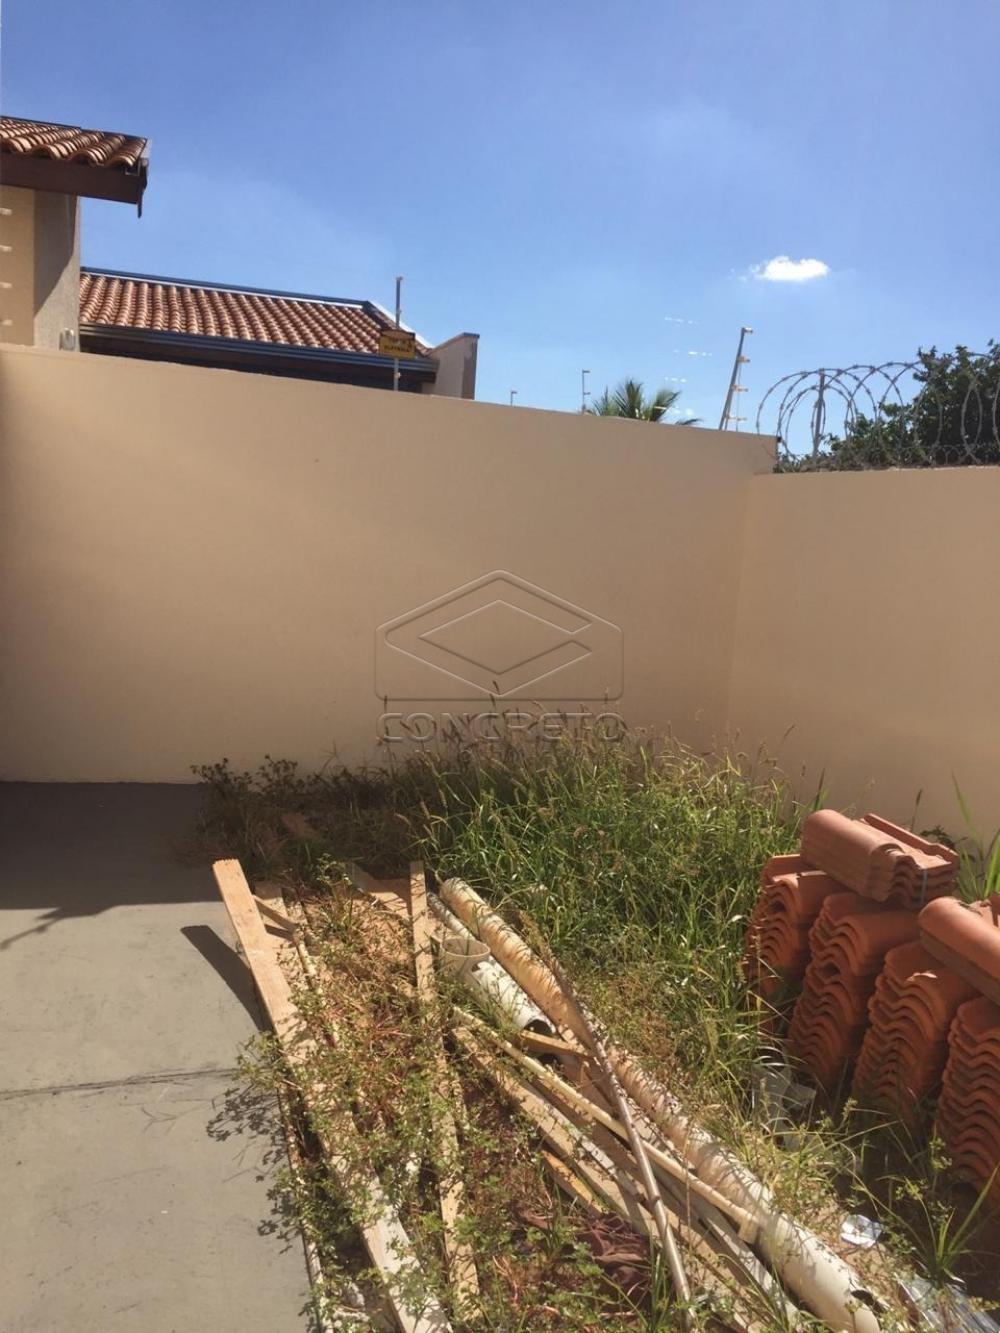 Comprar Casa / Padrão em Bauru apenas R$ 245.000,00 - Foto 2